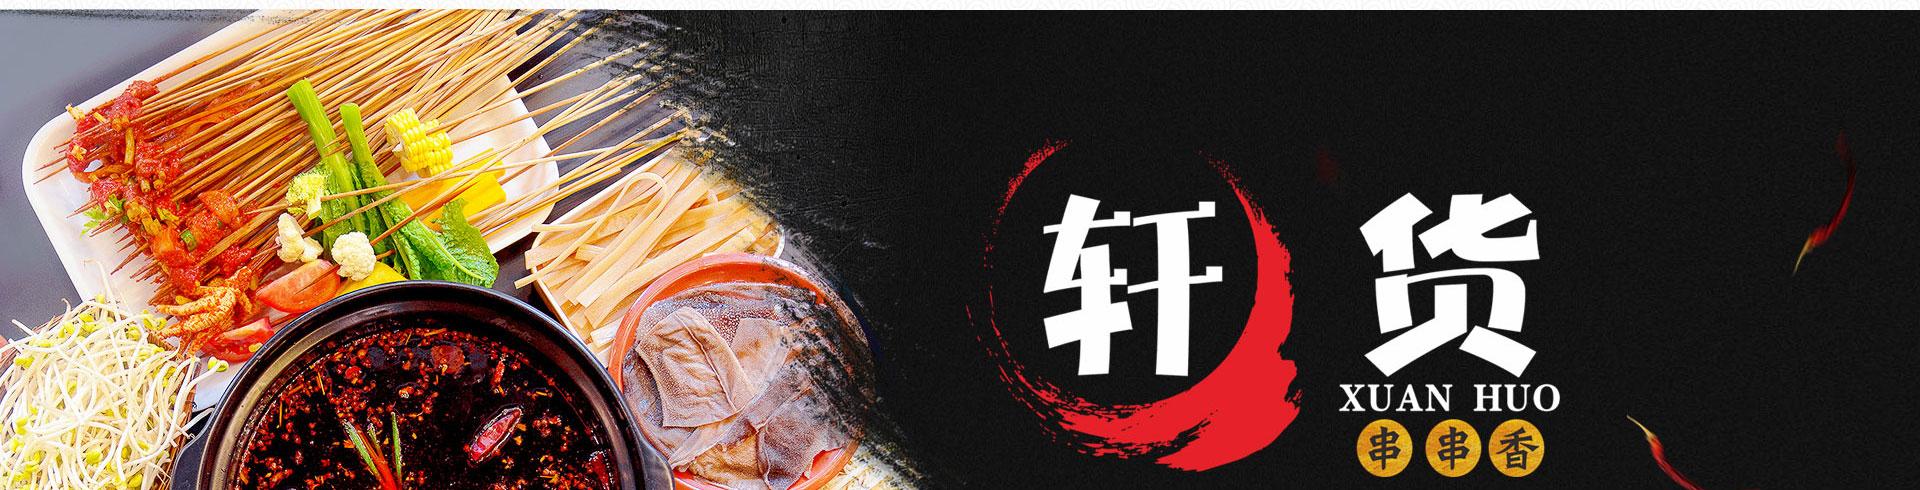 轩货牛肉串串香xhccx_16